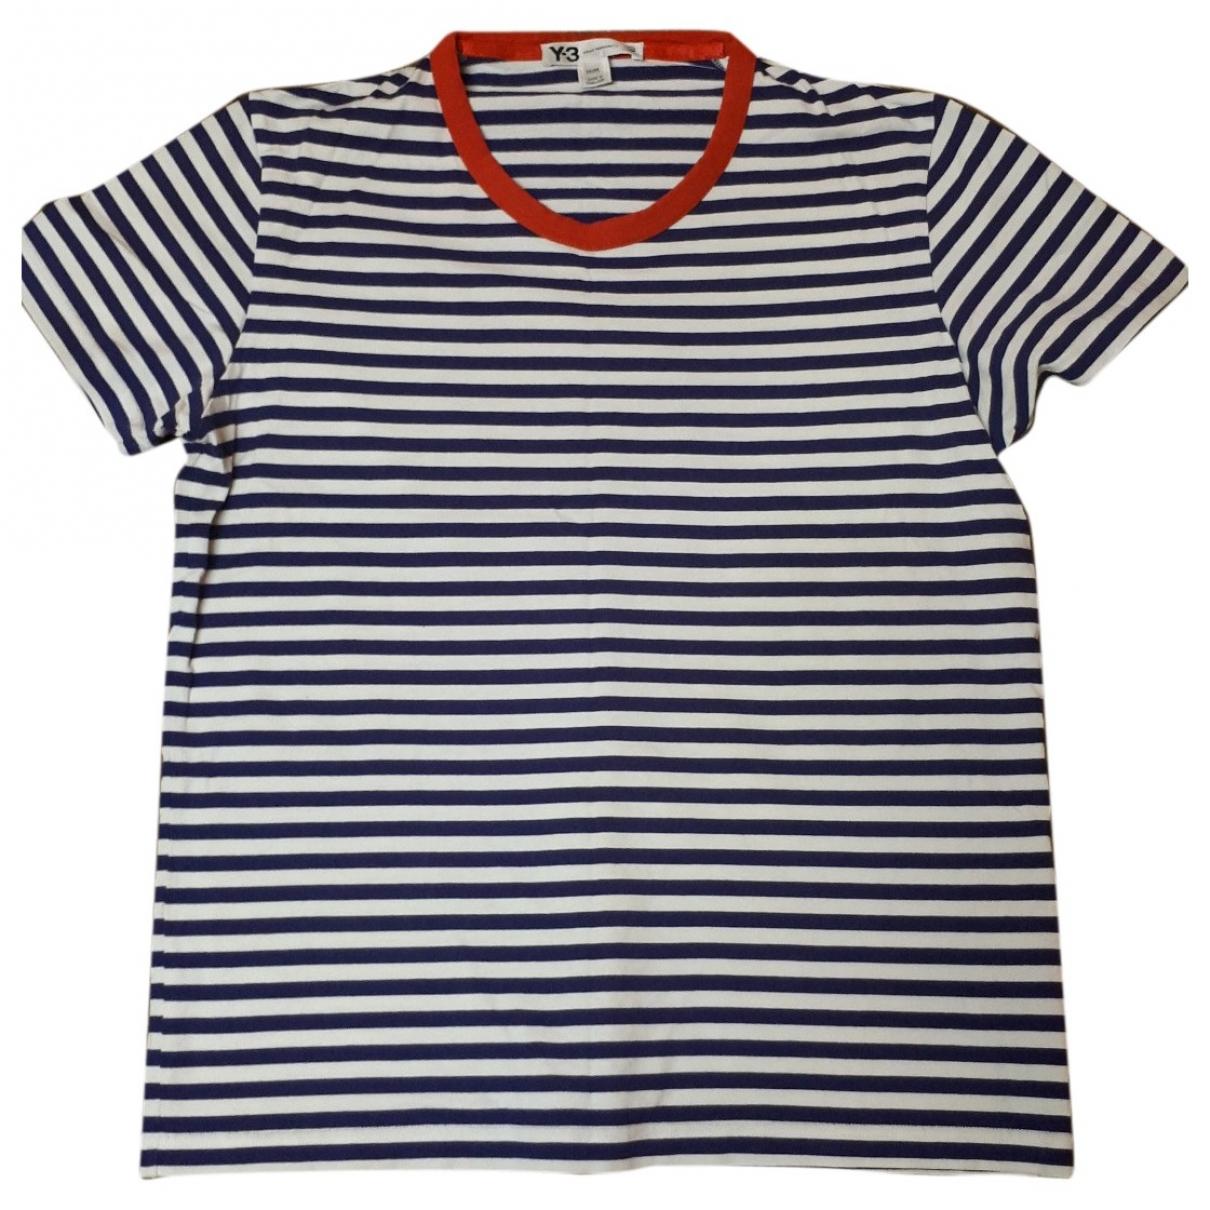 Y-3 - Tee shirts   pour homme en coton - blanc